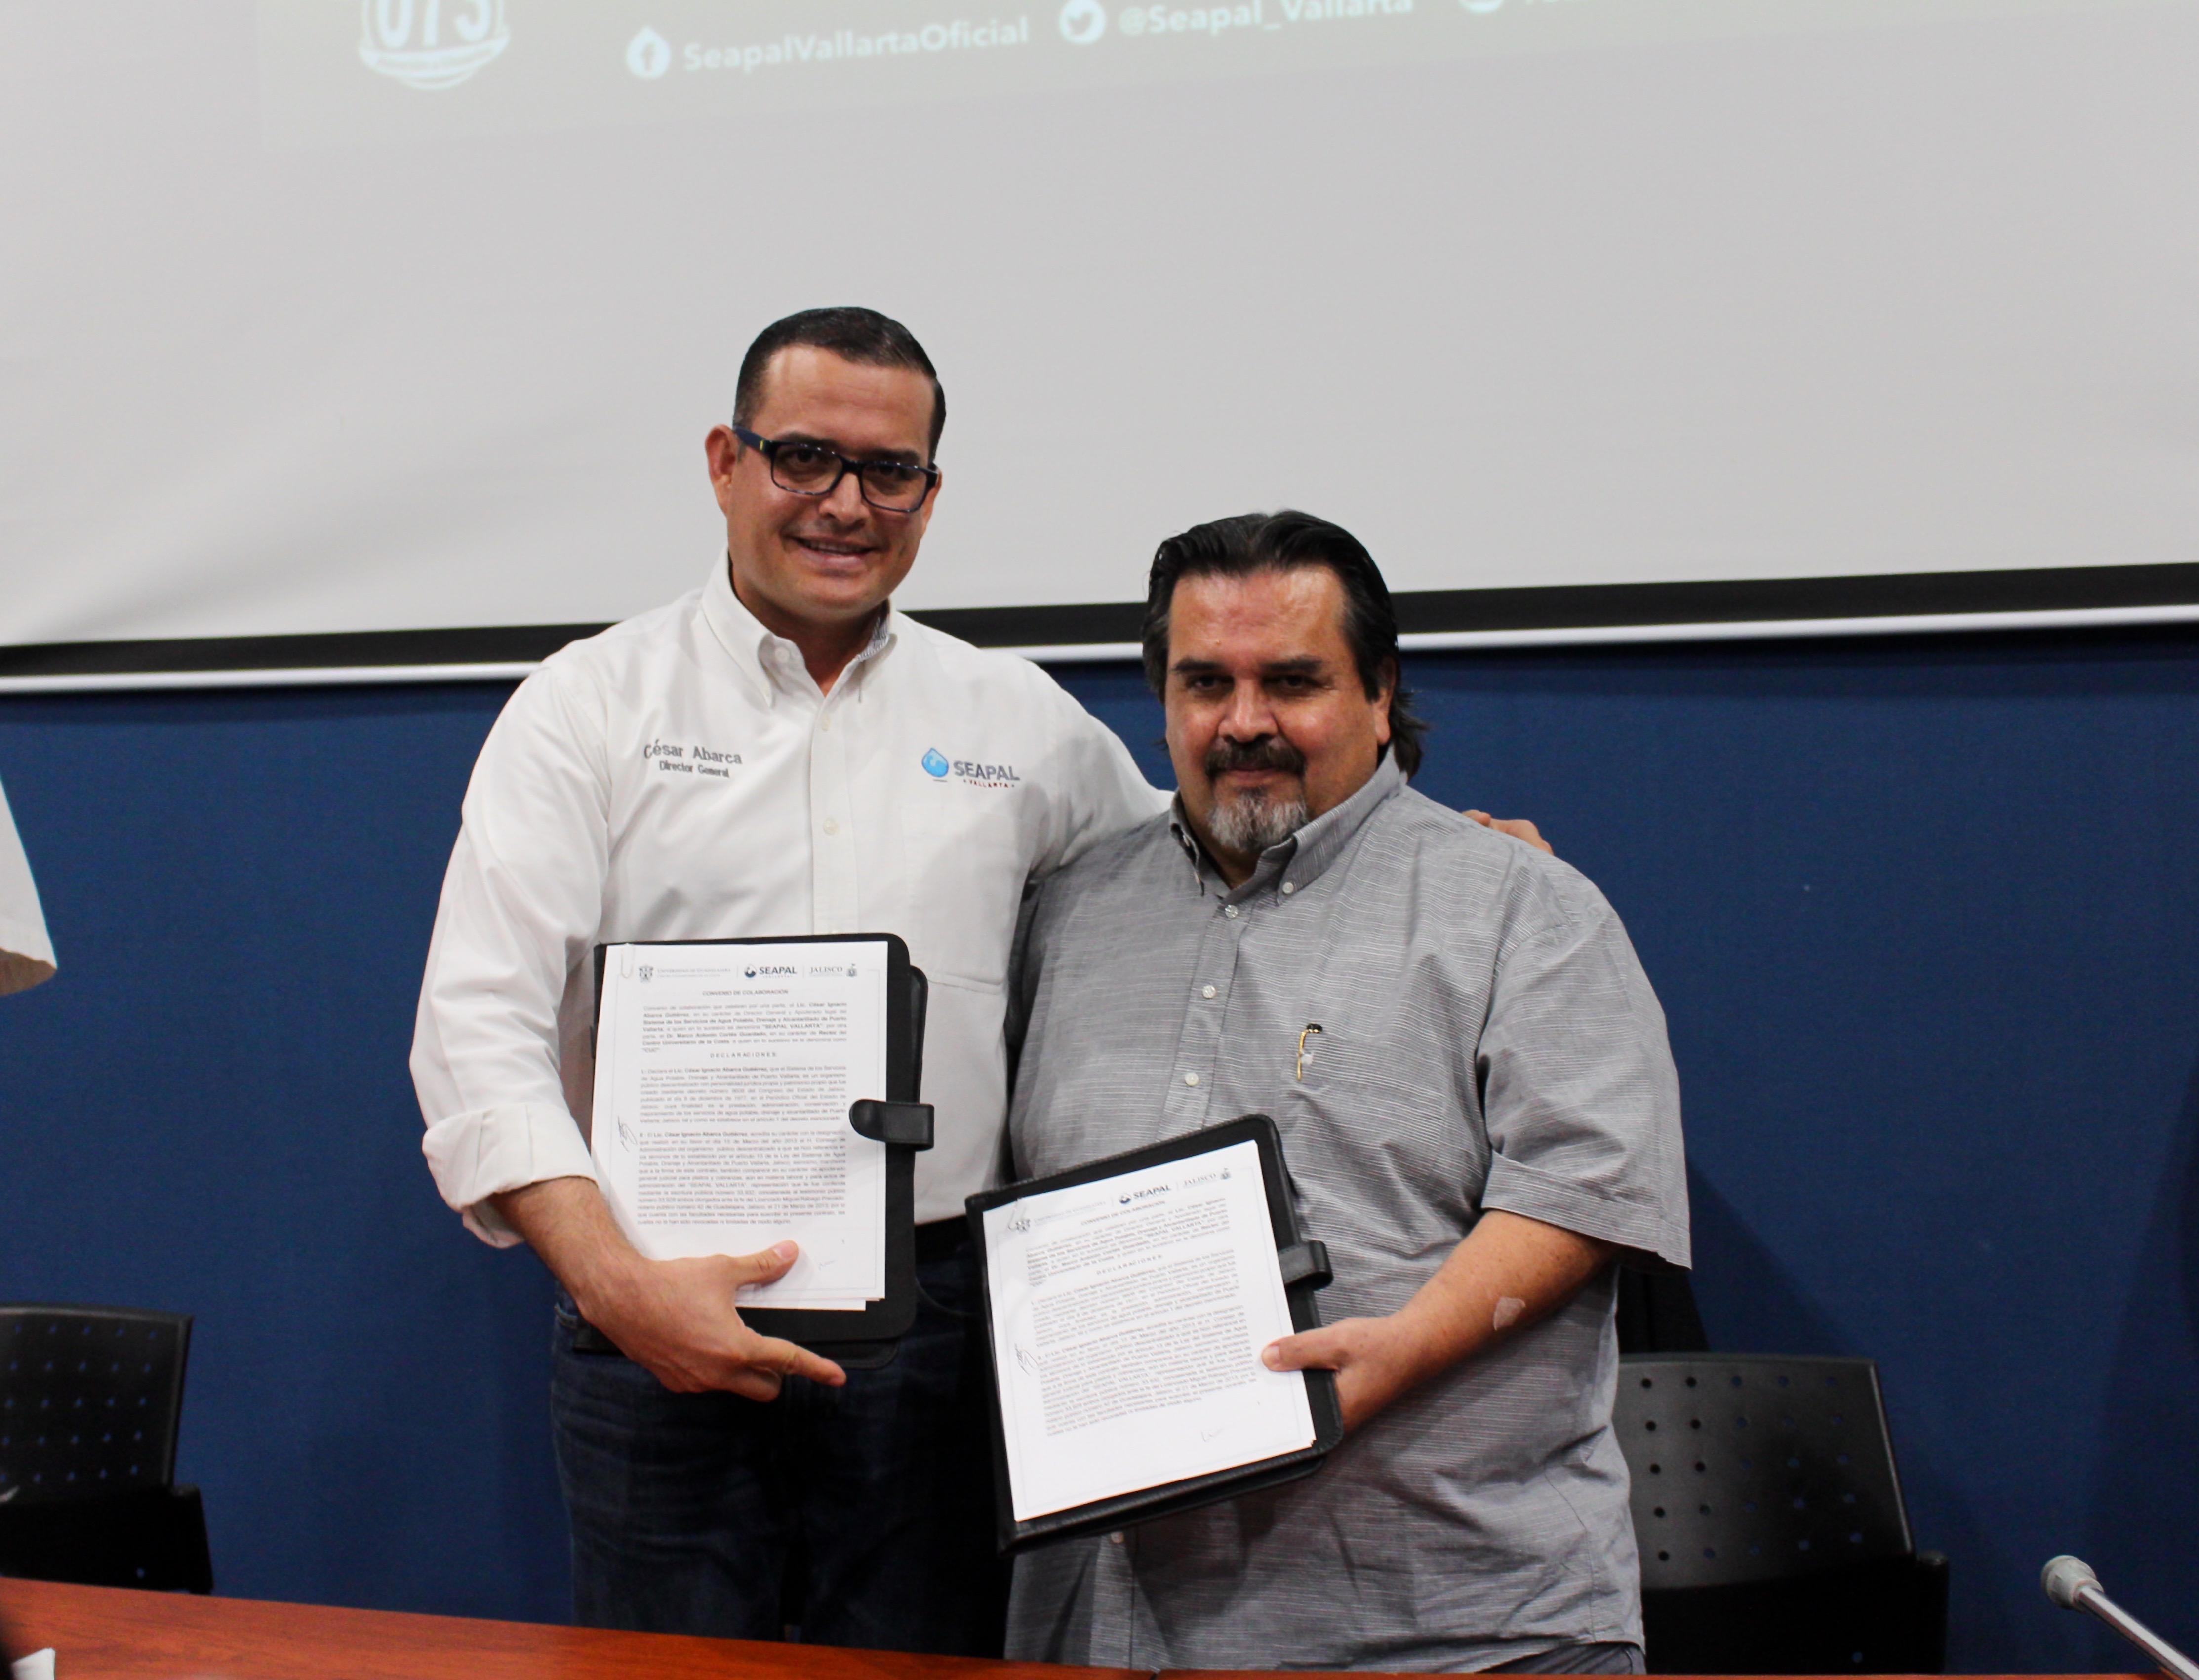 Rector del CUCosta, doctor Marco Antonio Cortés Guardado, y el Director general del Seapal Vallarta, licenciado César Ignacio Abarca Gutiérrez.mostrando el conveno firmado